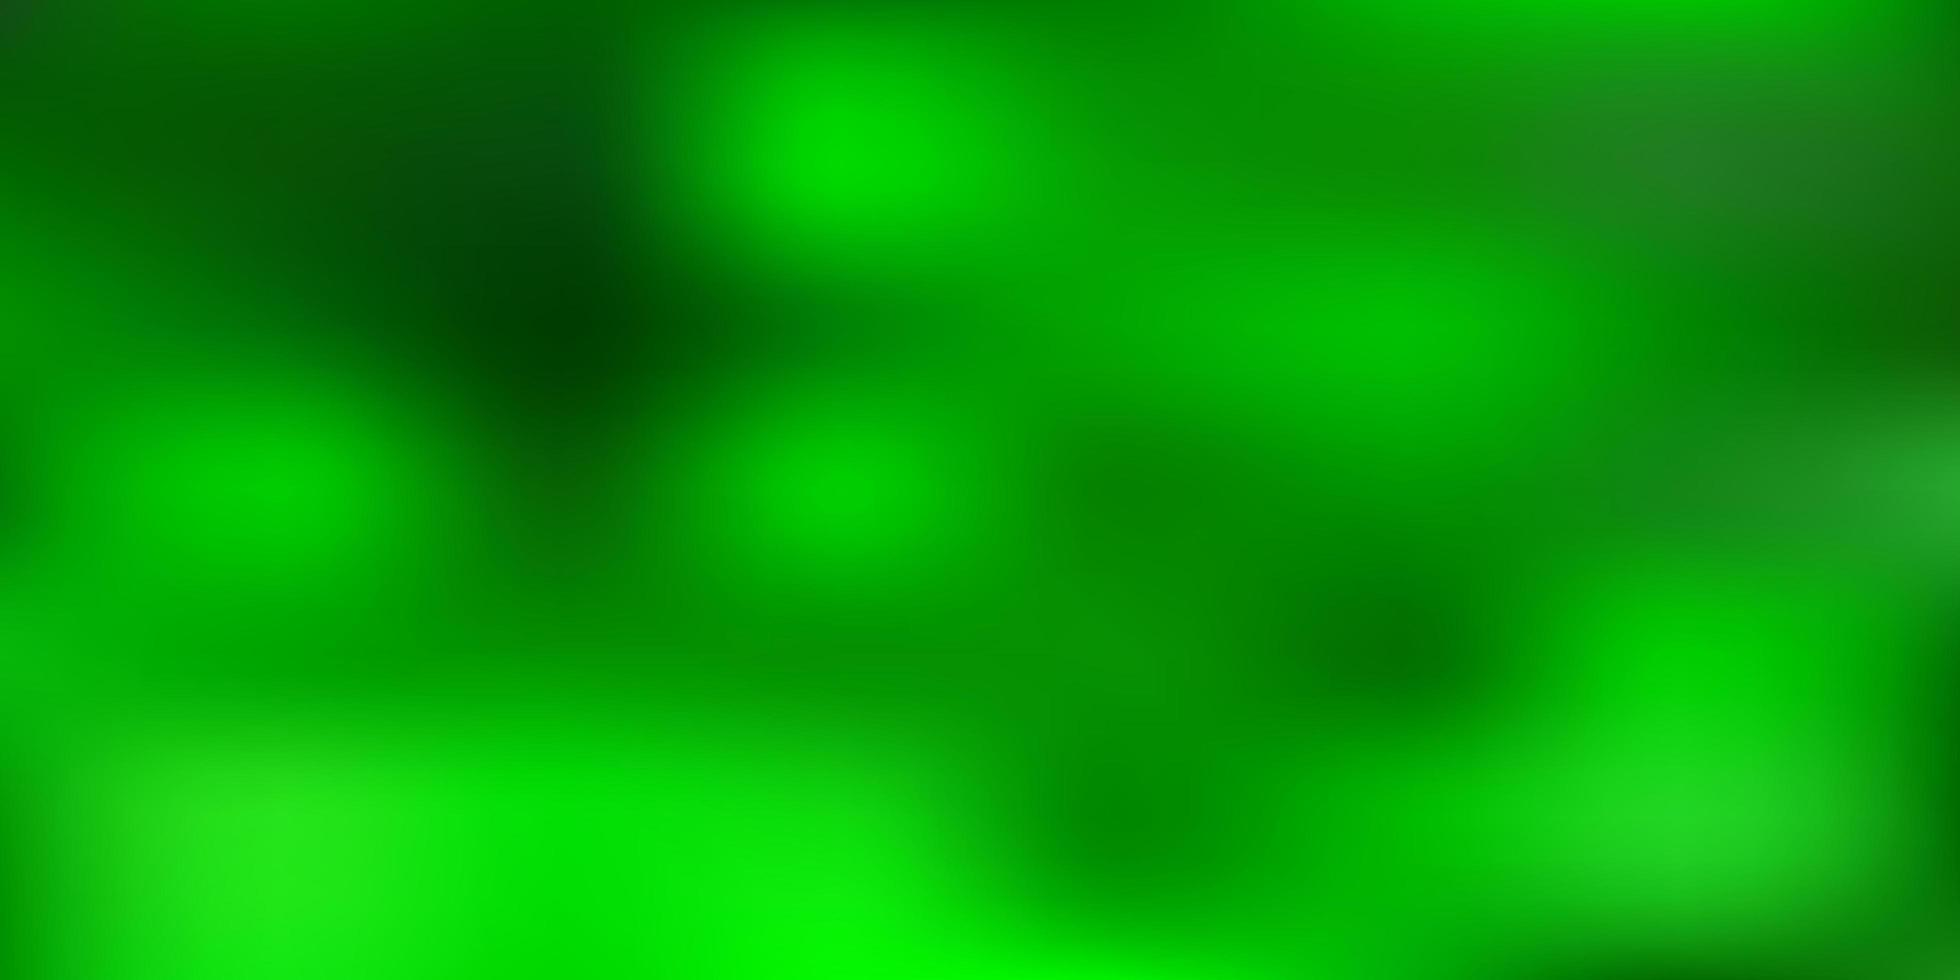 dibujo de desenfoque de vector verde claro.